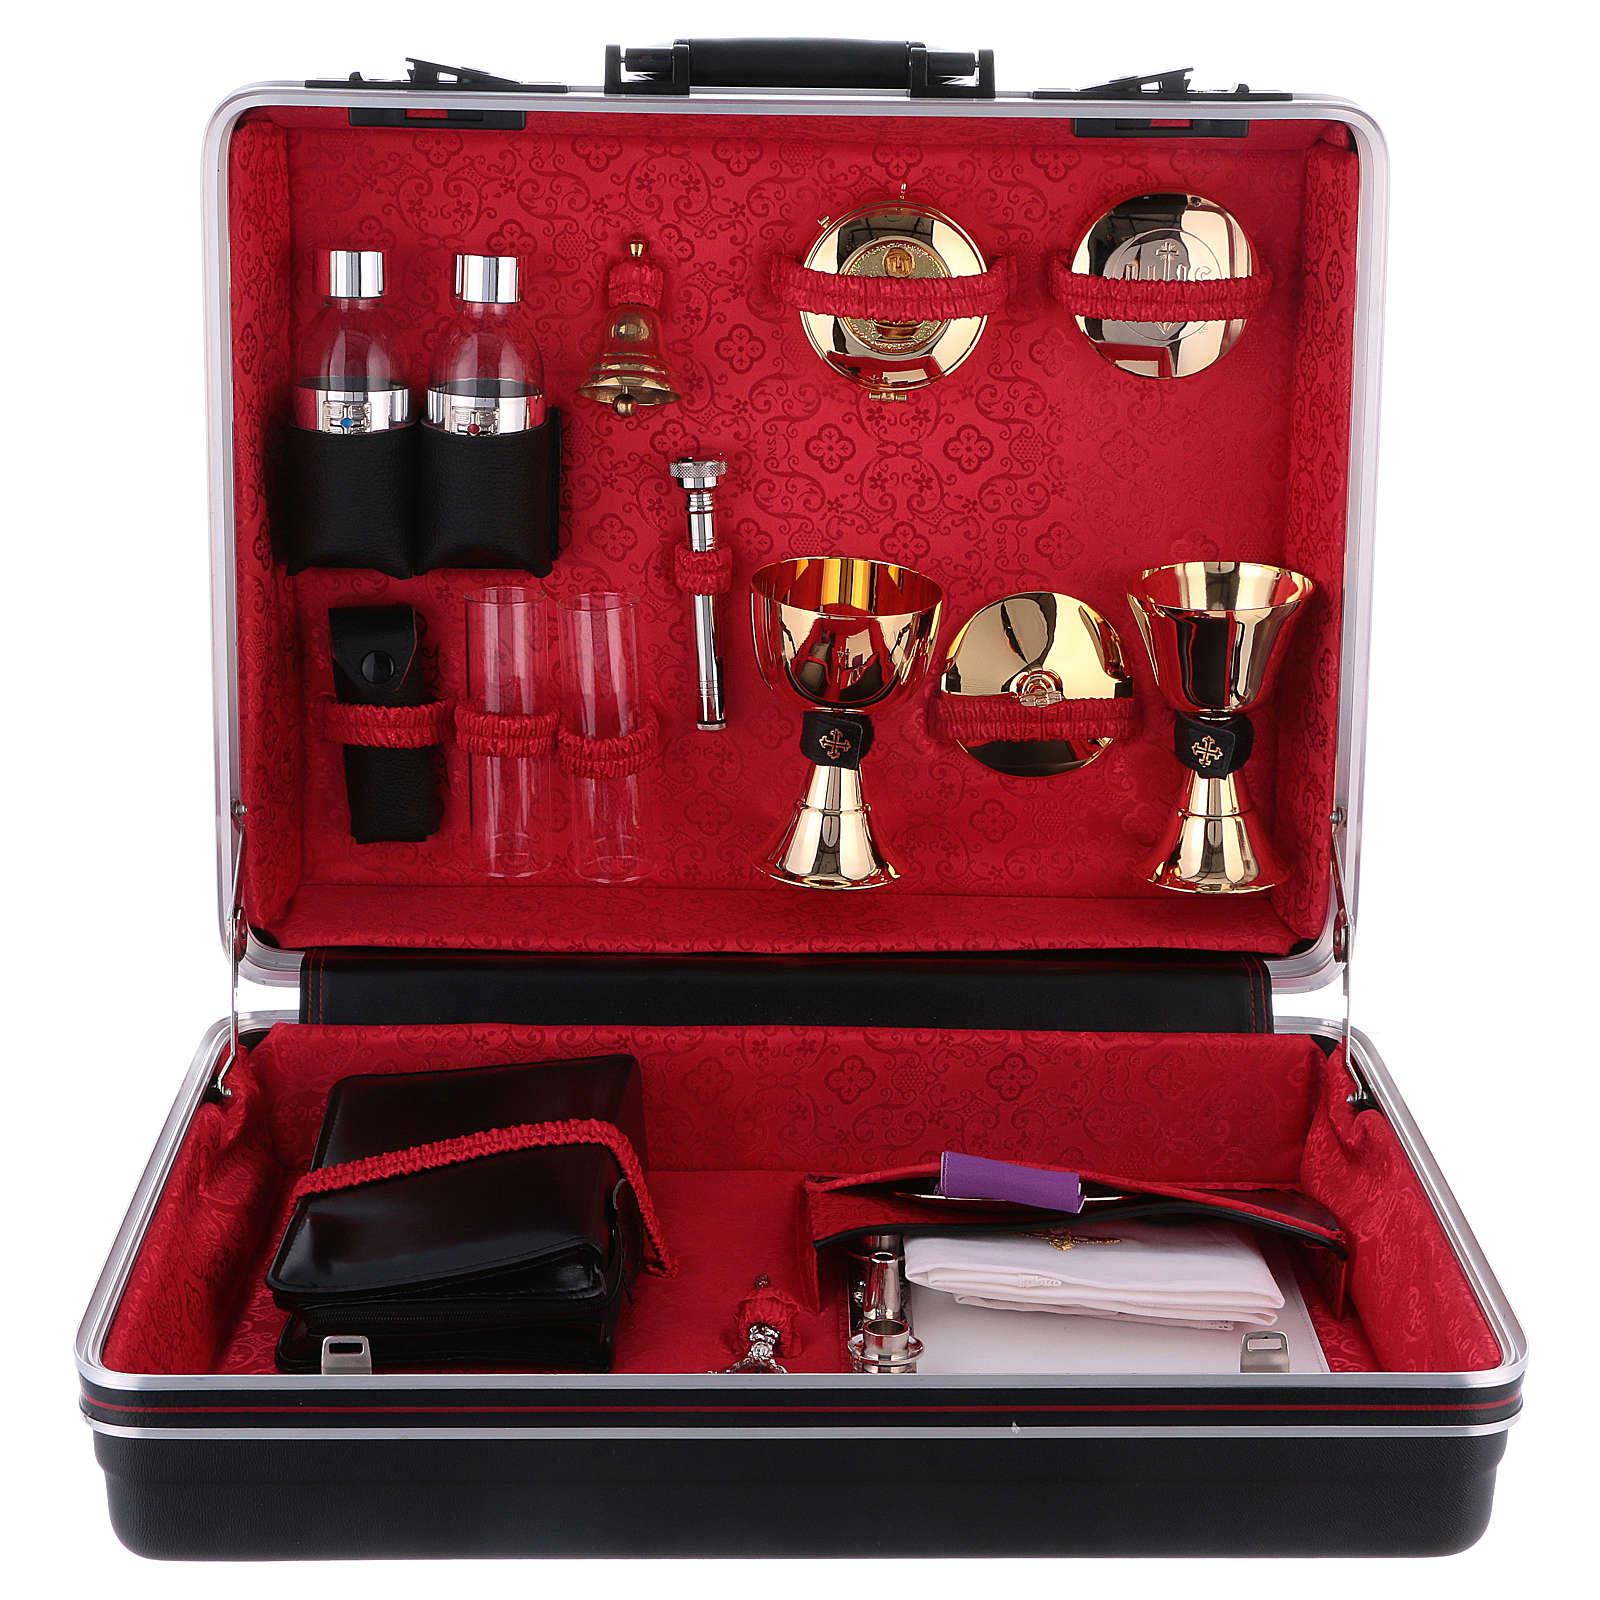 Messkoffer schwarz rote Innenseite komplett mit Zubehören 3